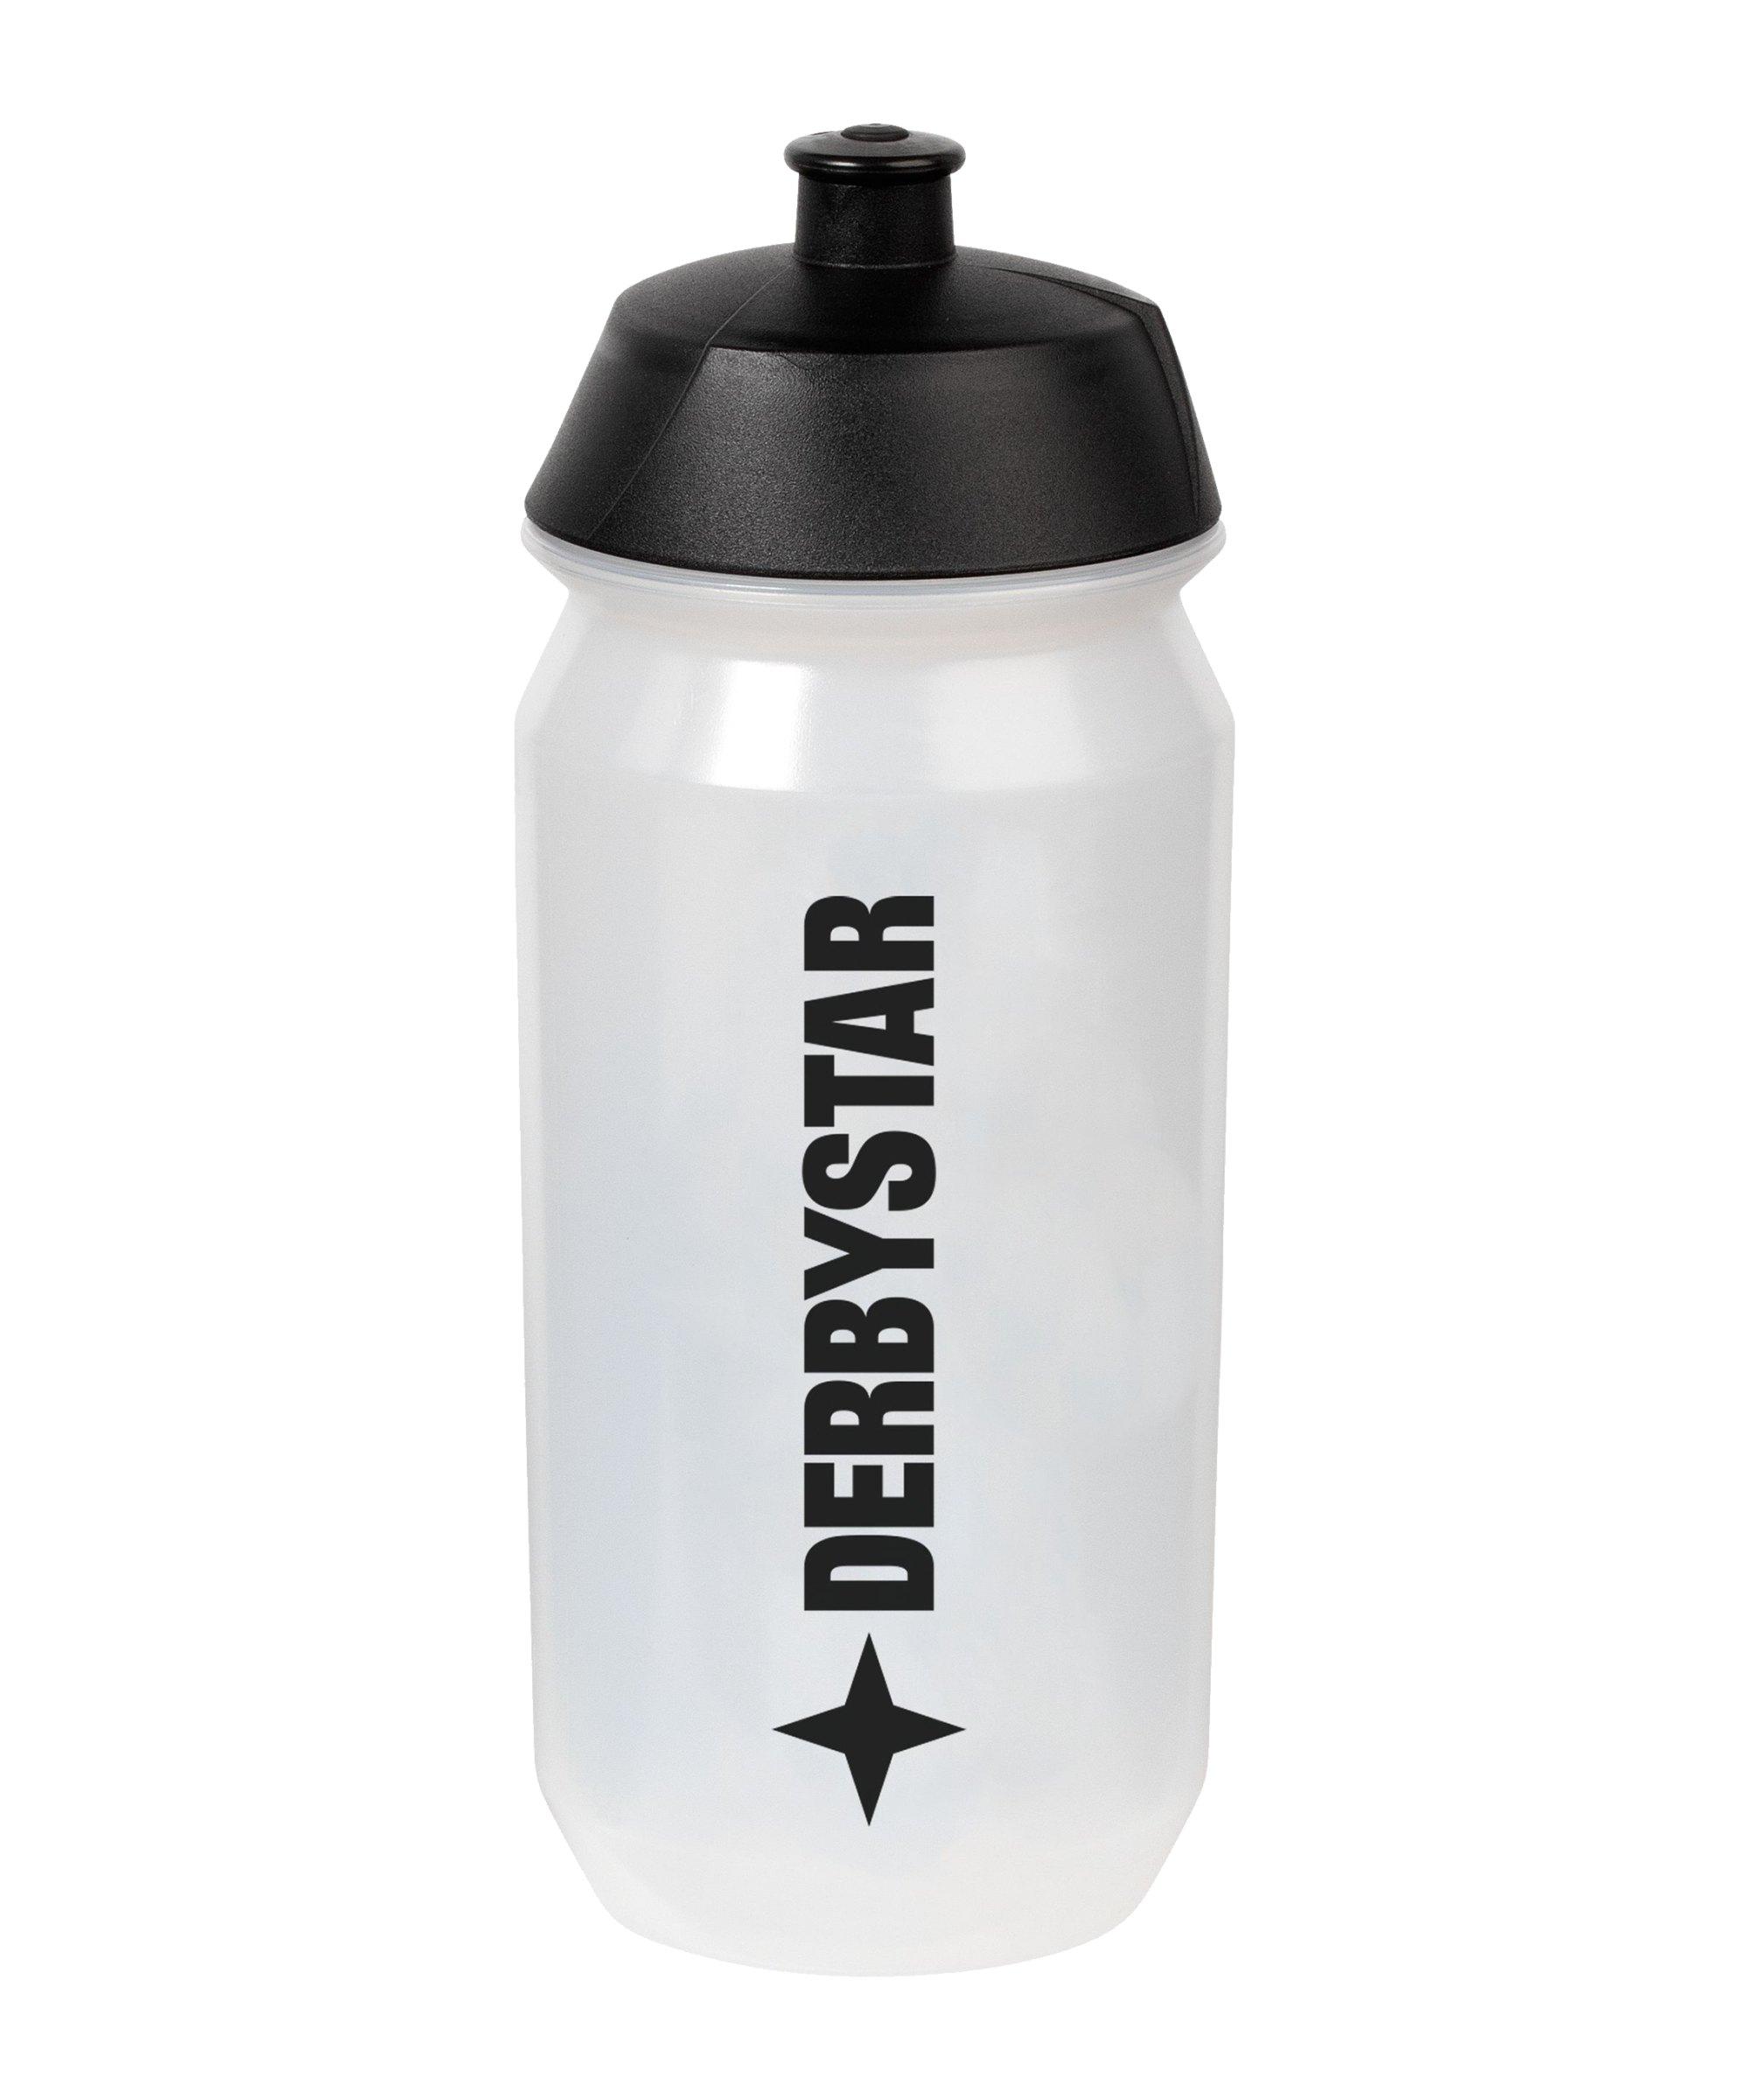 Derbystar Trinkflasche 0,5 l Weiss F000 - weiss